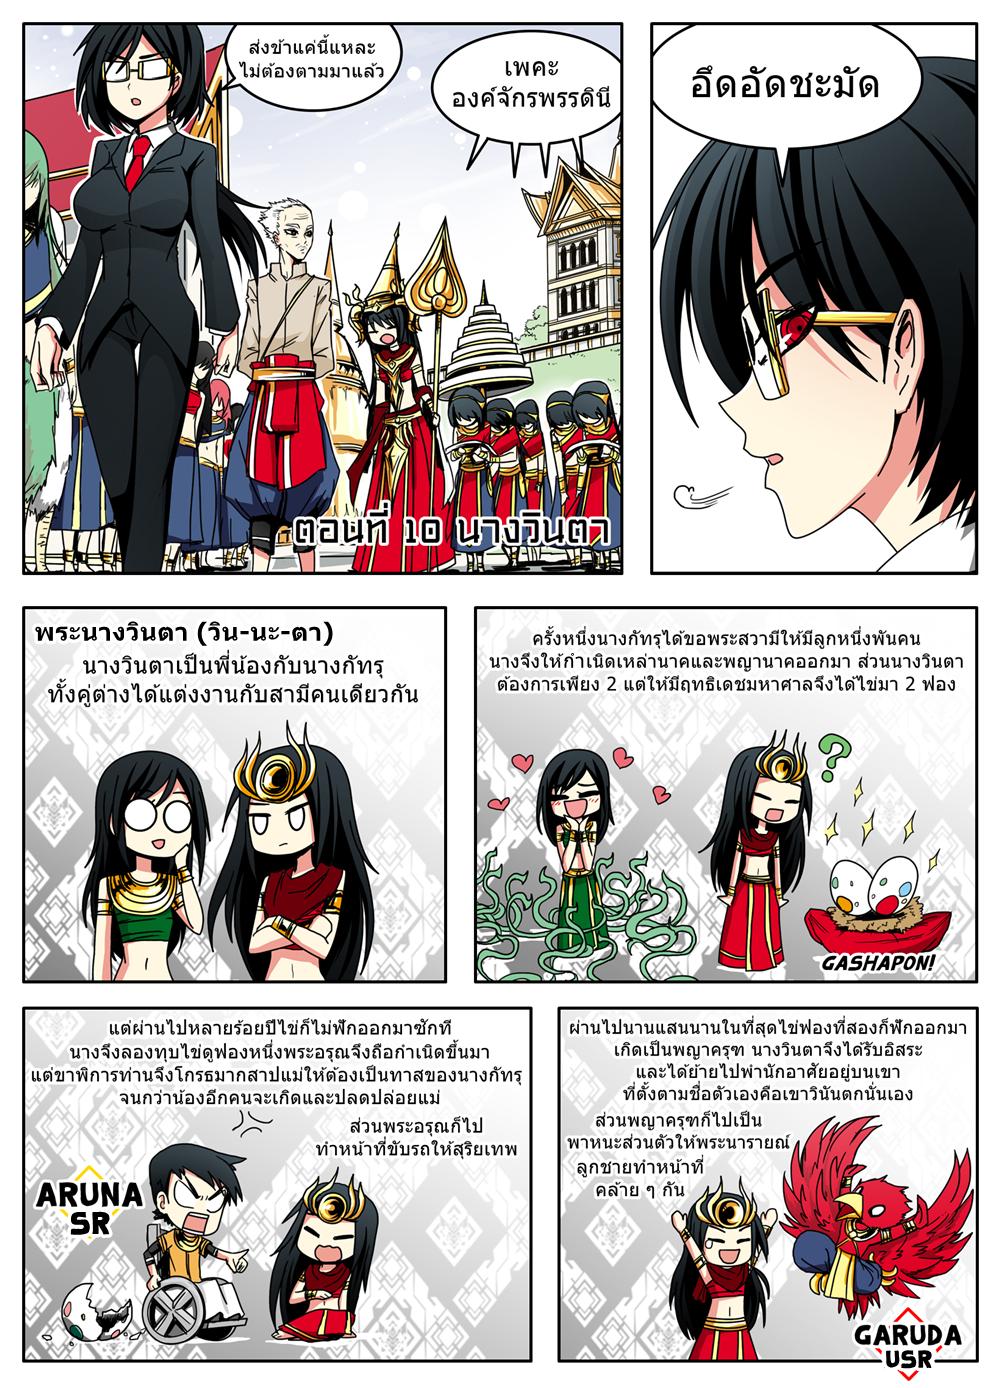 บทที่ 15 - ศัตรูเพื่อนรัก นางวินตา